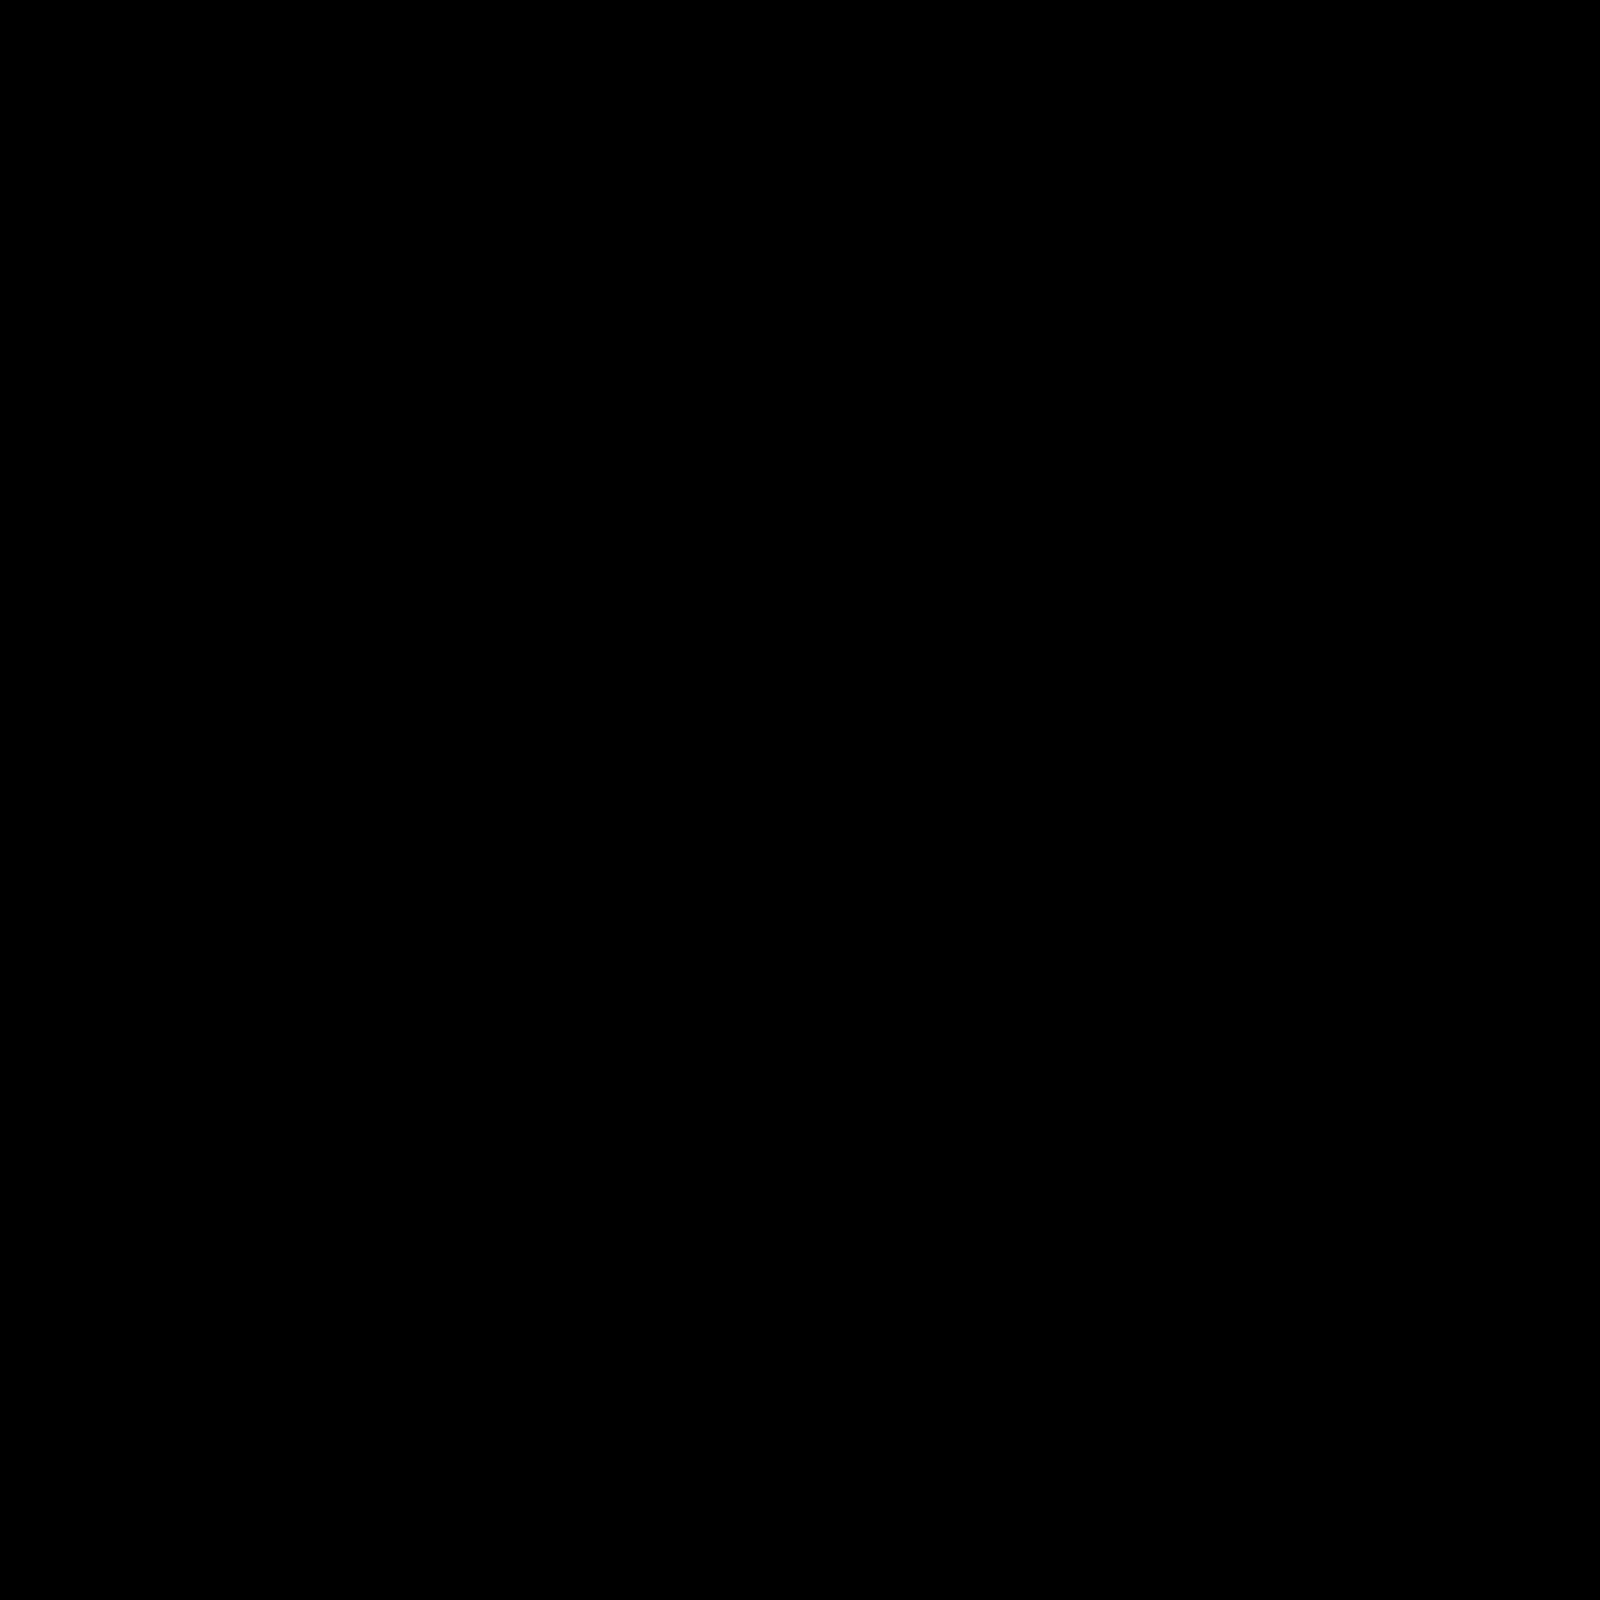 Koło pomiarowe icon